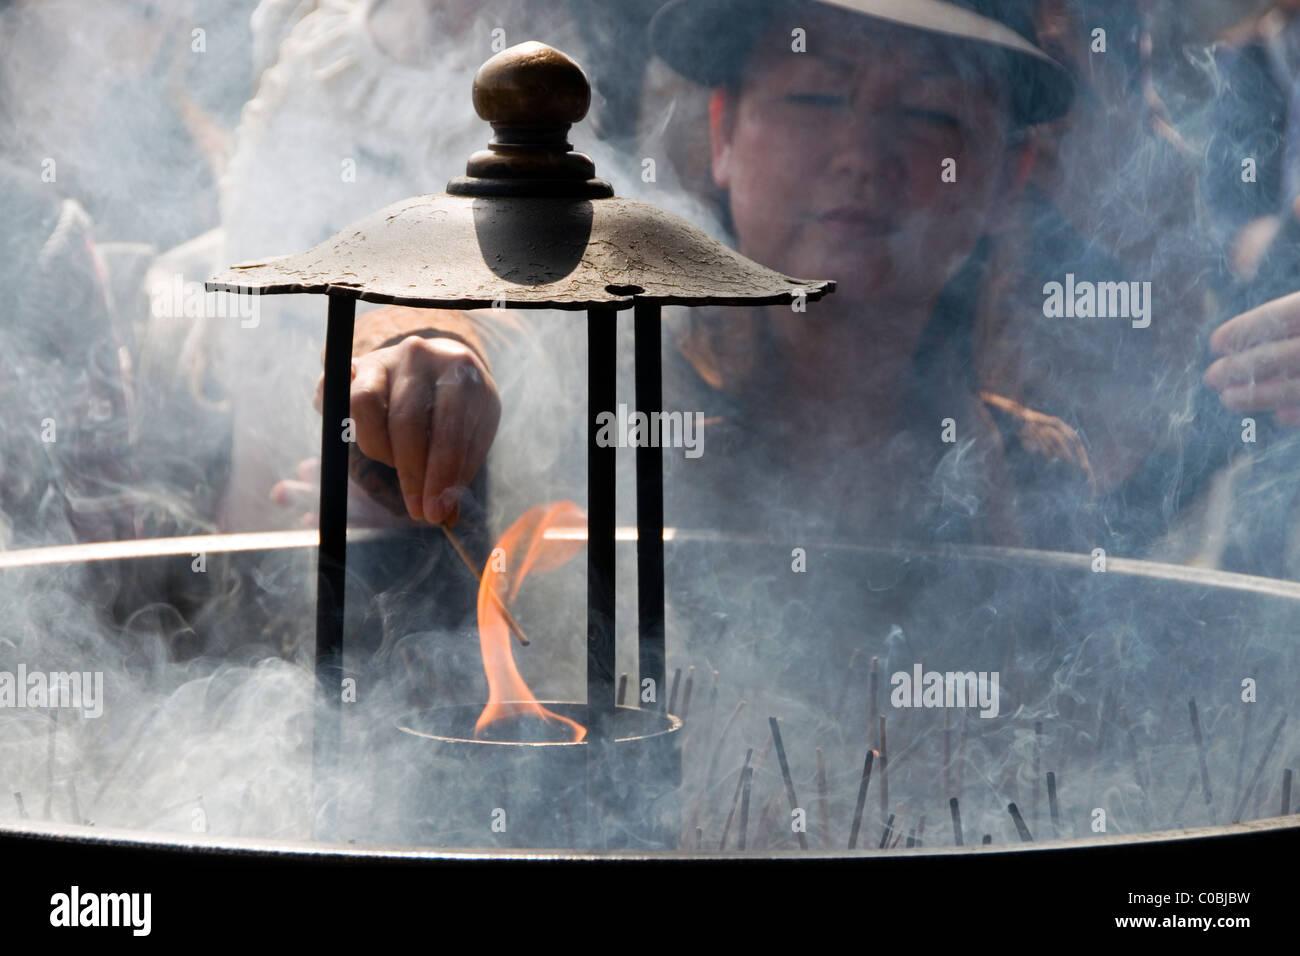 Woman burning incense for ritual purification before visiting the Great Buddha at Tōdai-ji, Nara, Japan - Stock Image